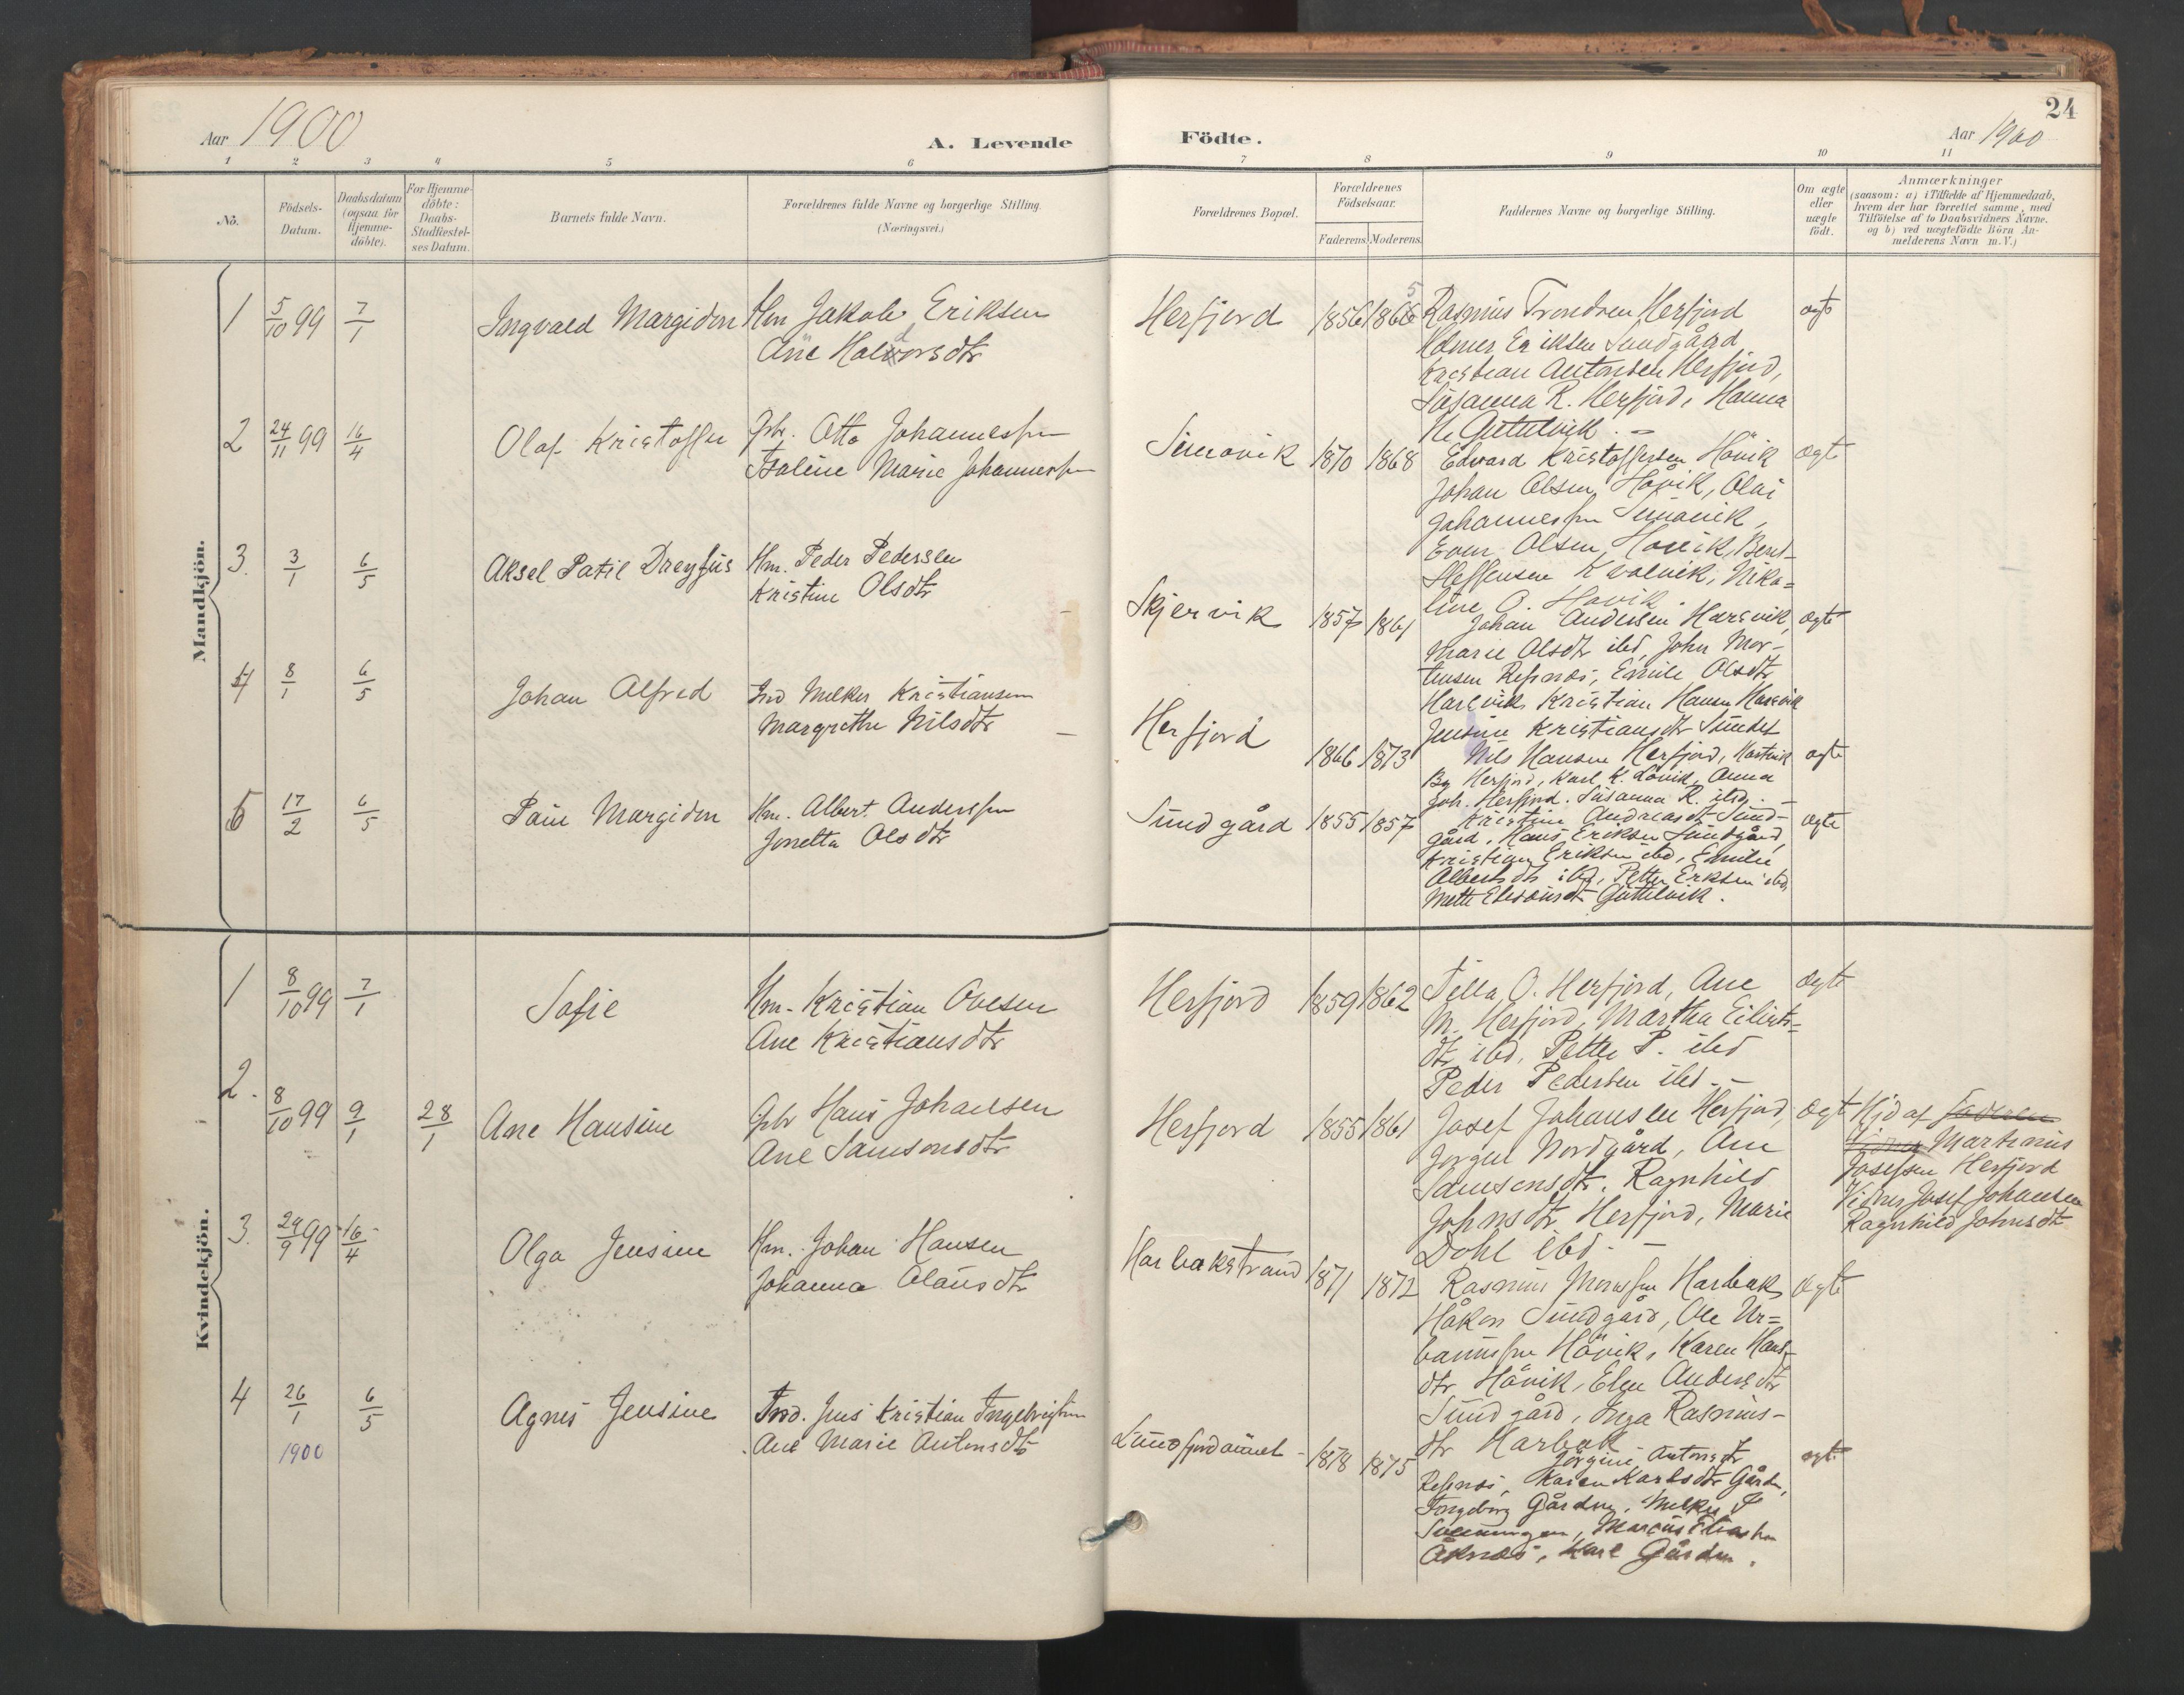 SAT, Ministerialprotokoller, klokkerbøker og fødselsregistre - Sør-Trøndelag, 656/L0693: Ministerialbok nr. 656A02, 1894-1913, s. 24